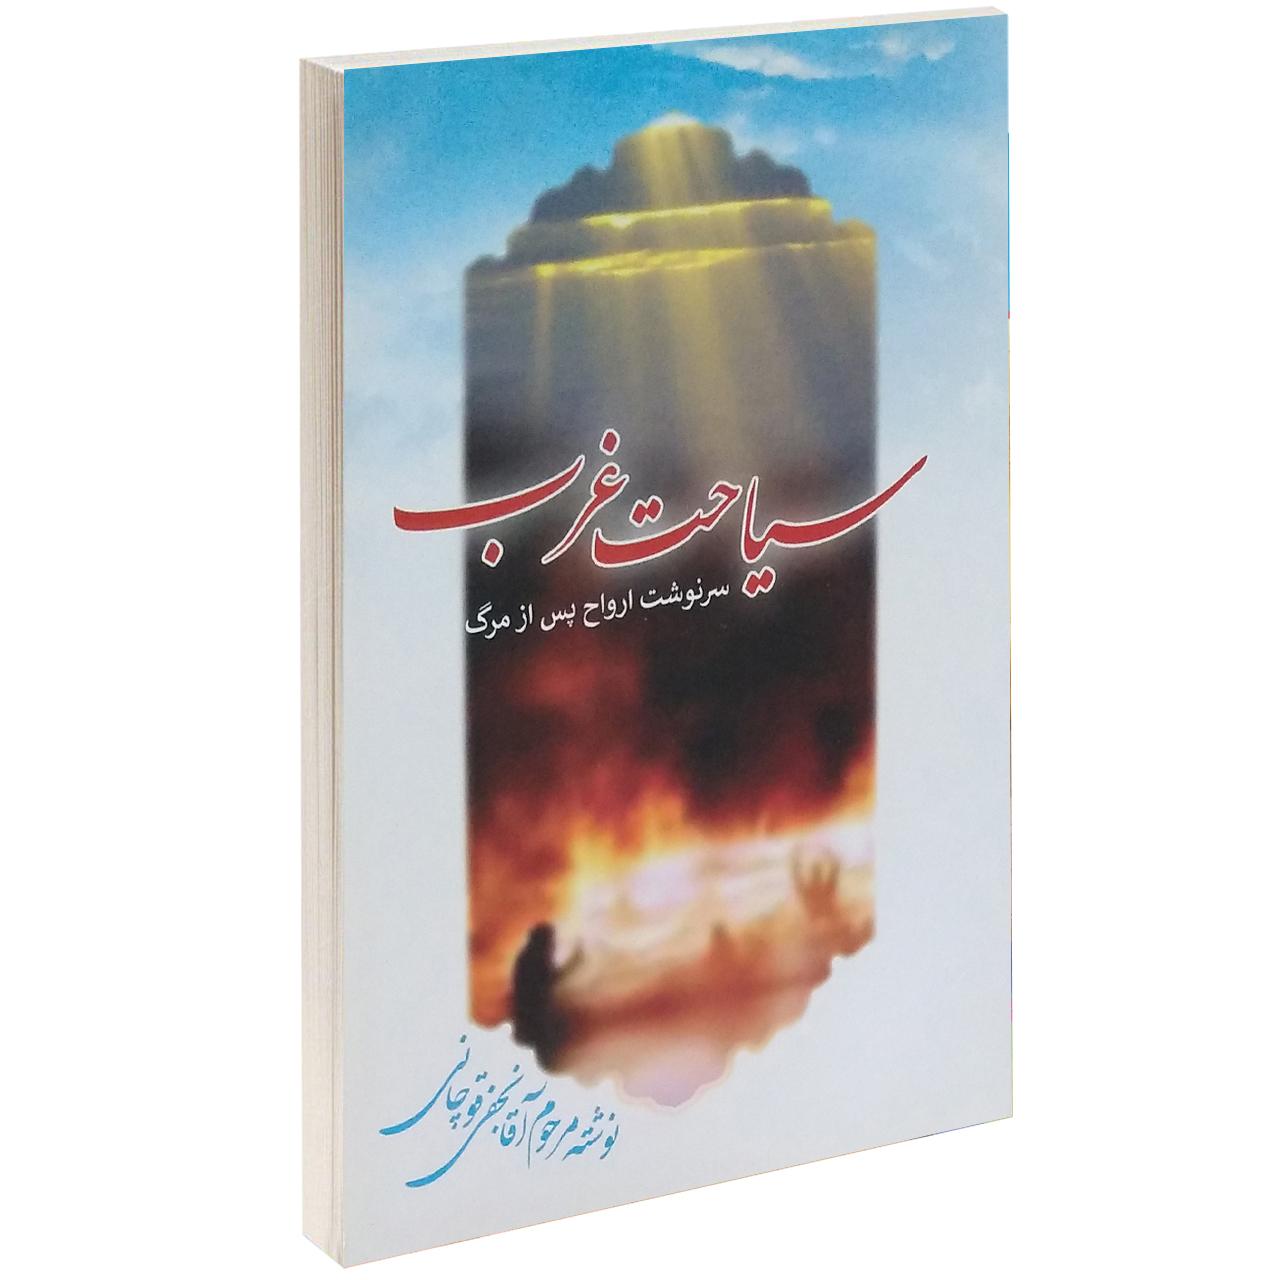 خرید                      کتاب سیاحت غرب اثر محمدحسن نجفی قوچانی